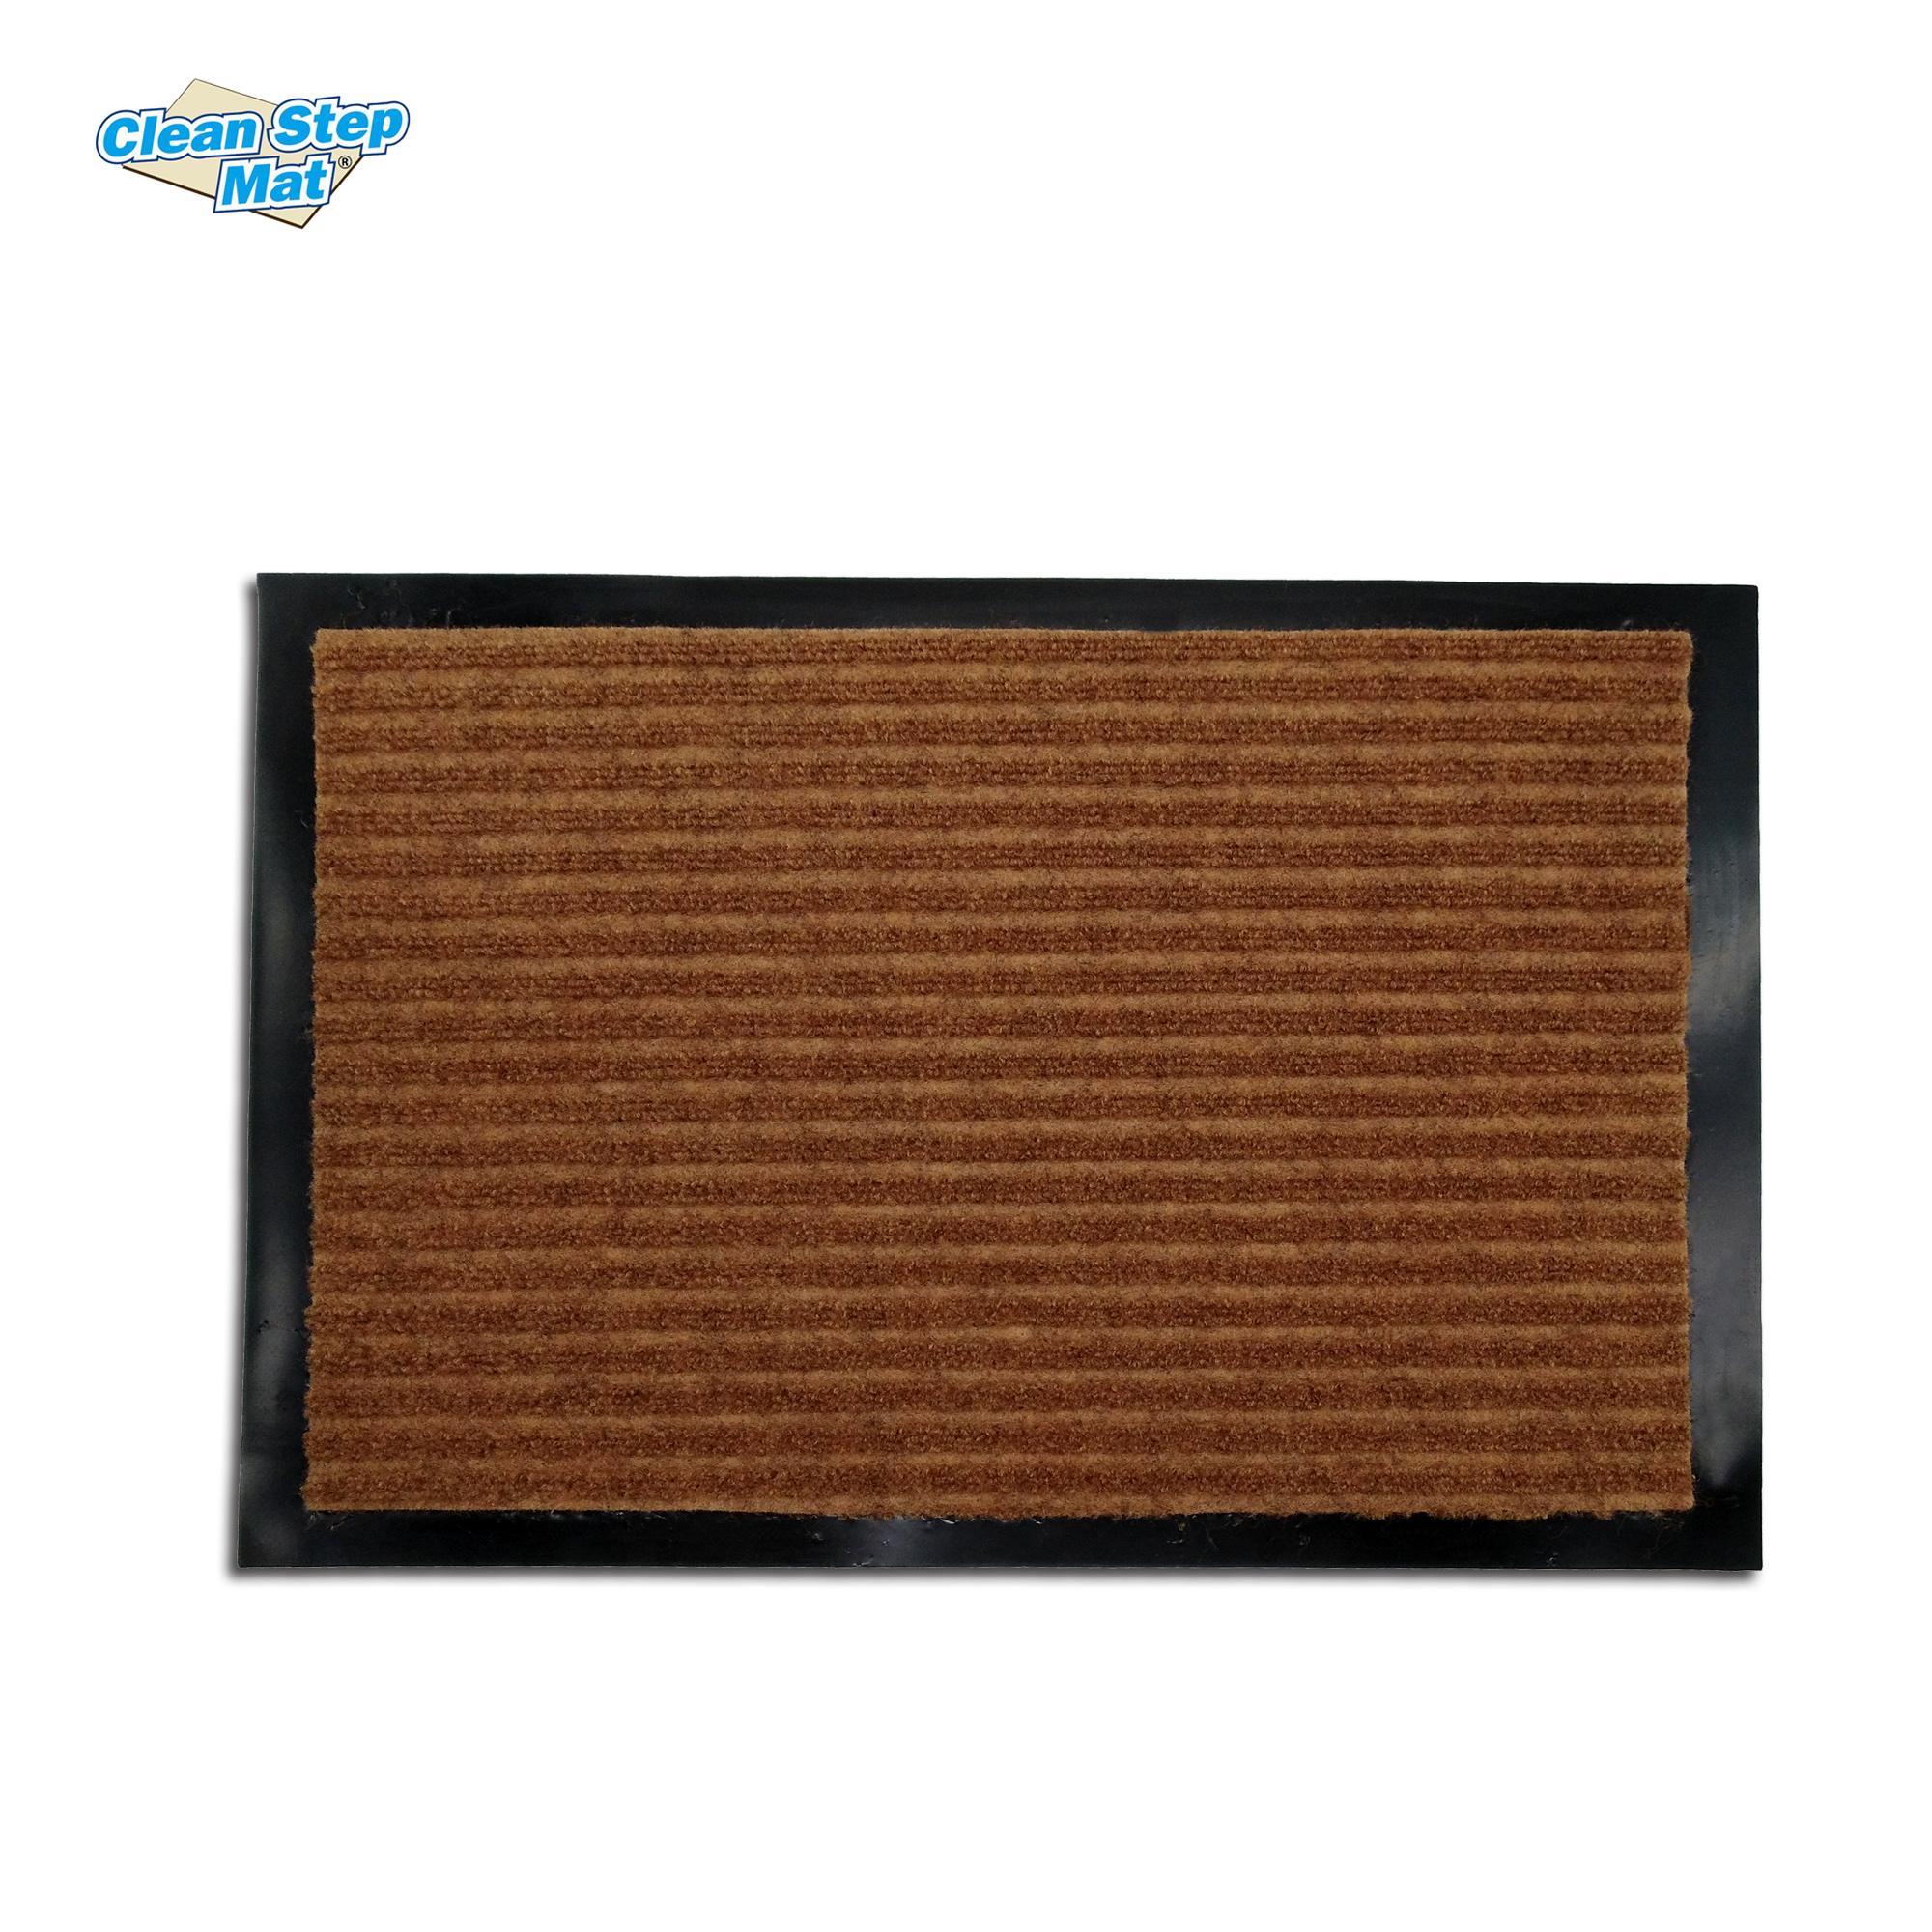 Striped door mat S03